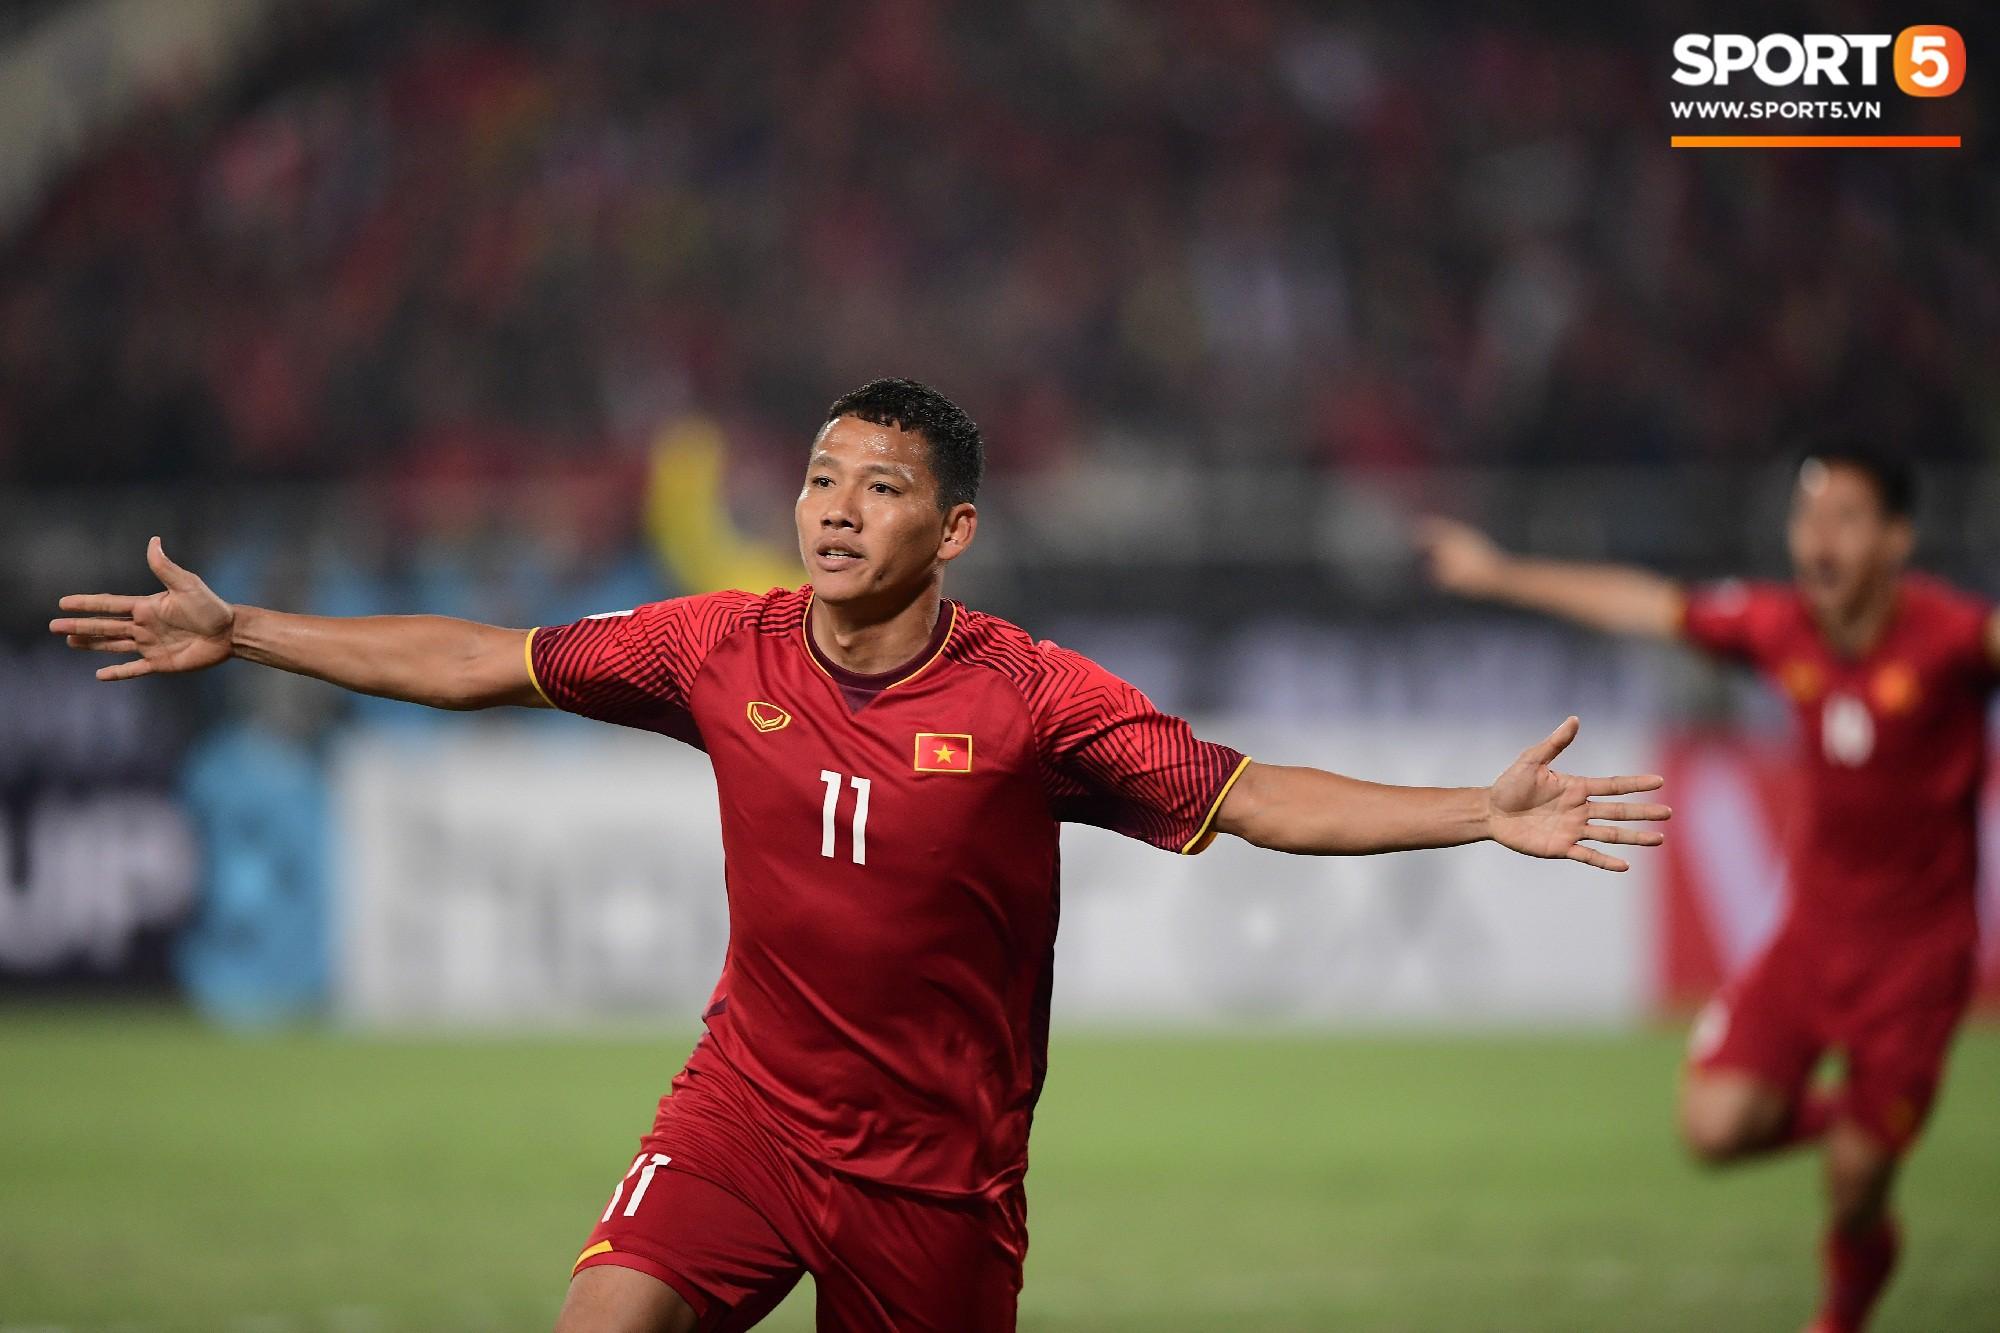 Hành trình kỳ diệu của bóng đá Việt Nam trong năm 2018 qua ảnh-19